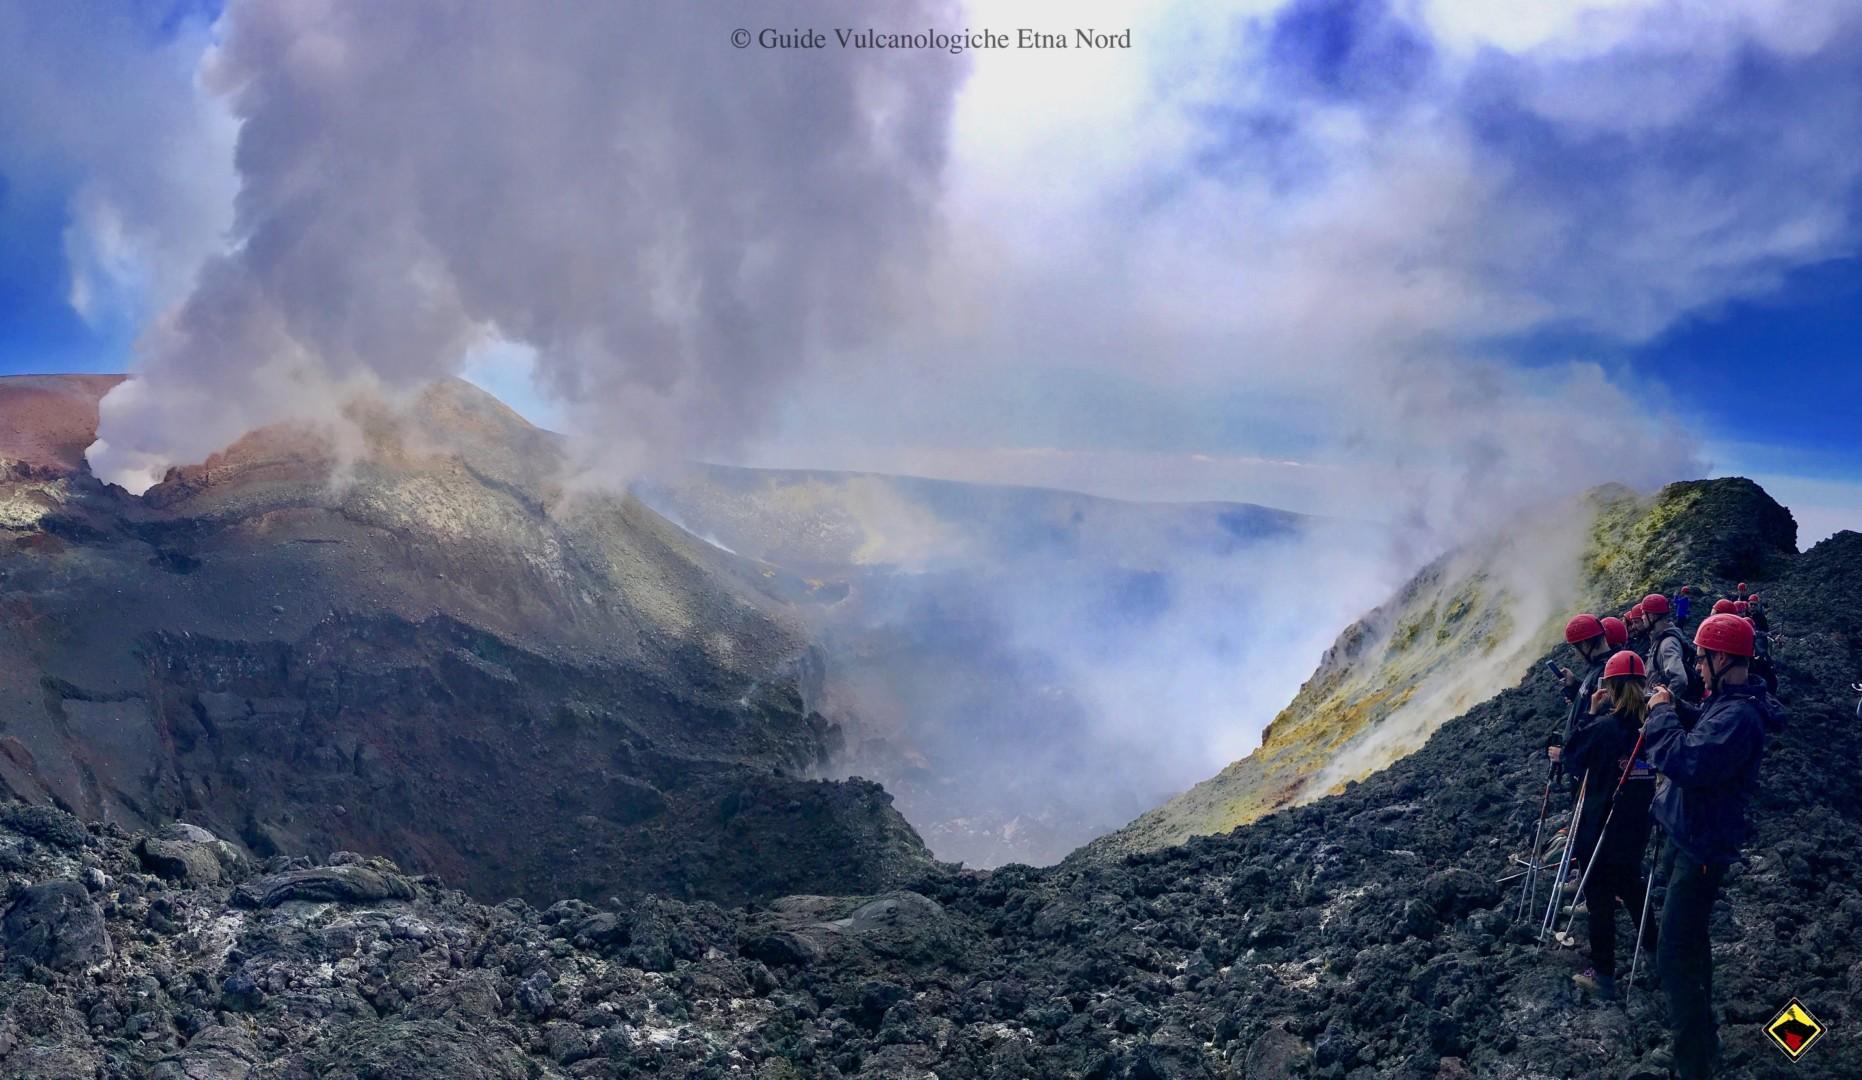 Escursione ai Crateri Sommitali Etna Nord | Jeep 4×4 andata e ritorno